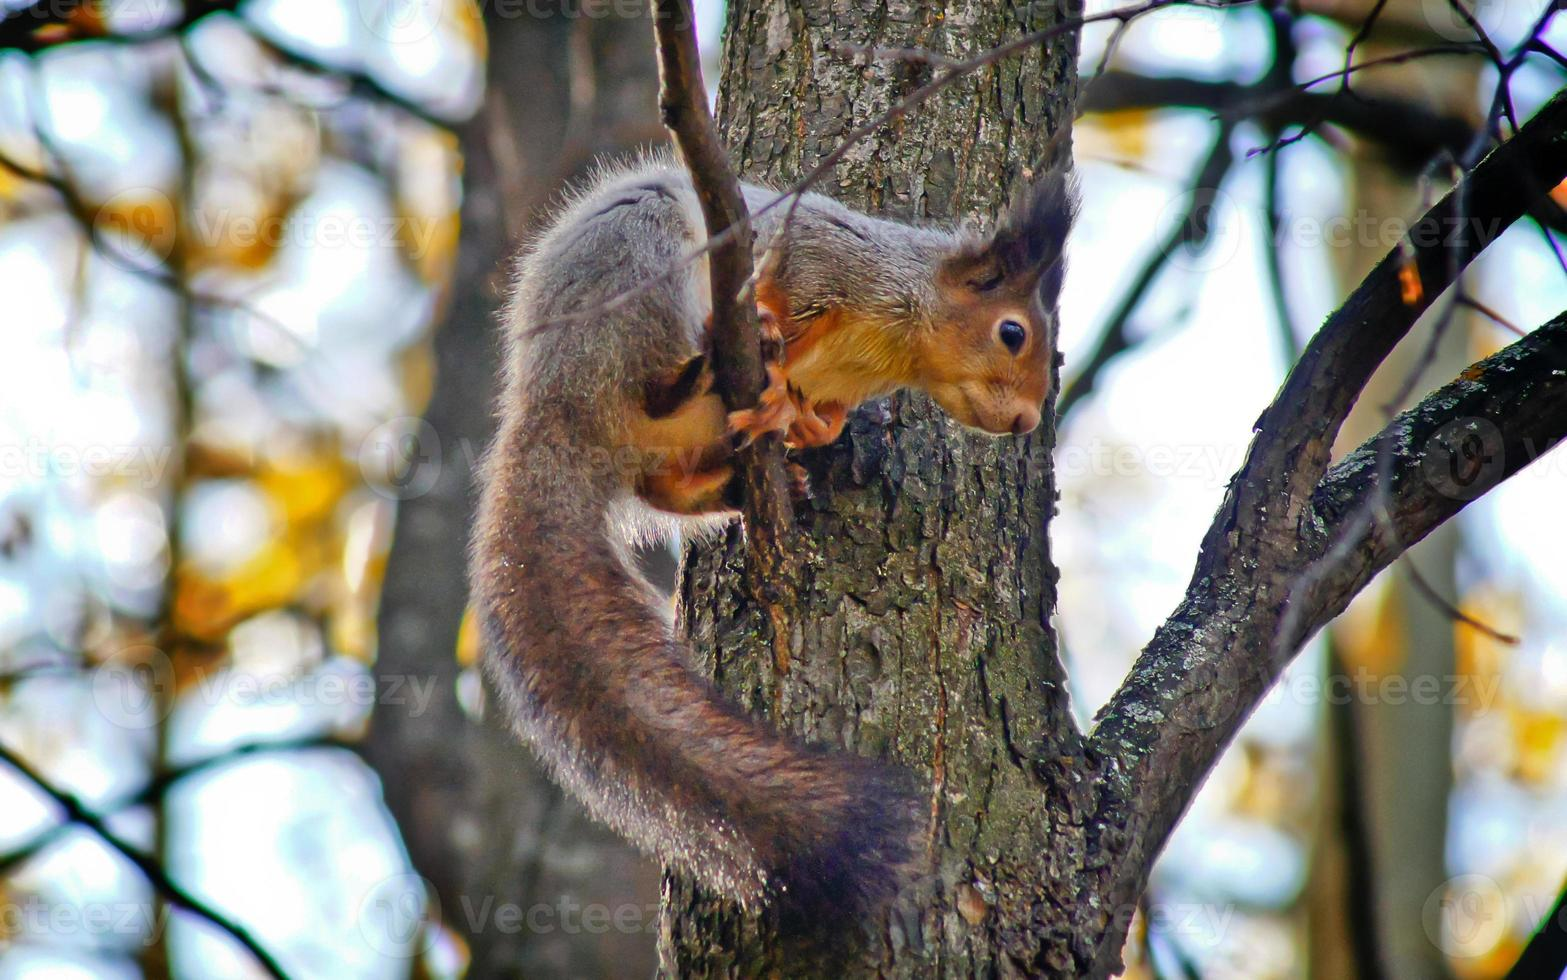 Ardilla en la rama de un árbol. foto